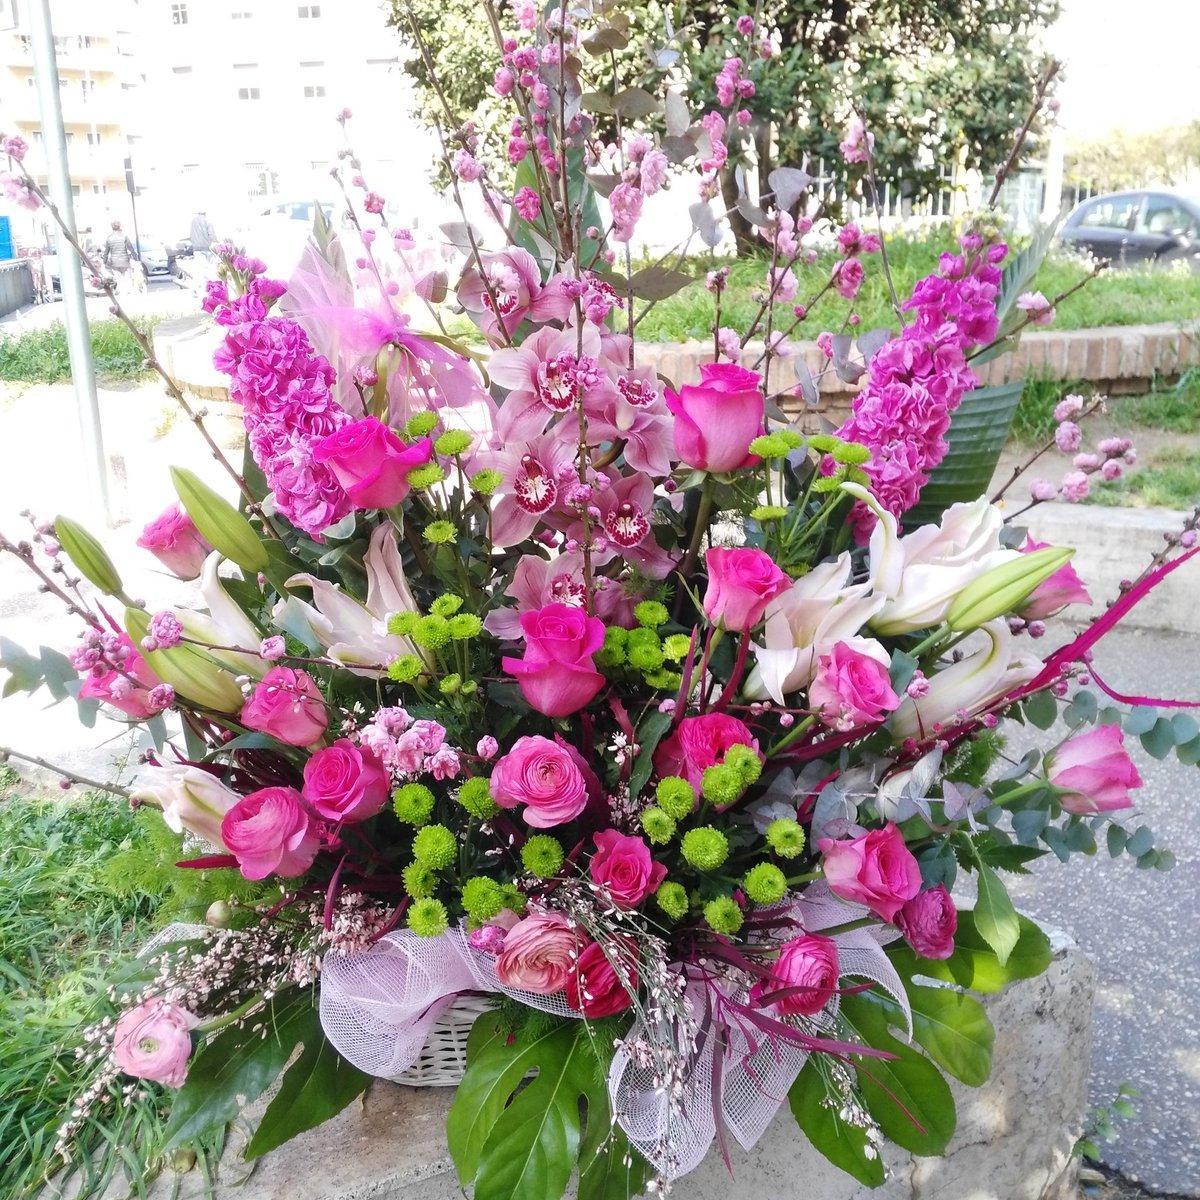 Mazzo Di Fiori Orchidee.Eva On Twitter Raffinata Composizione In Cesto Con Rose Rosa